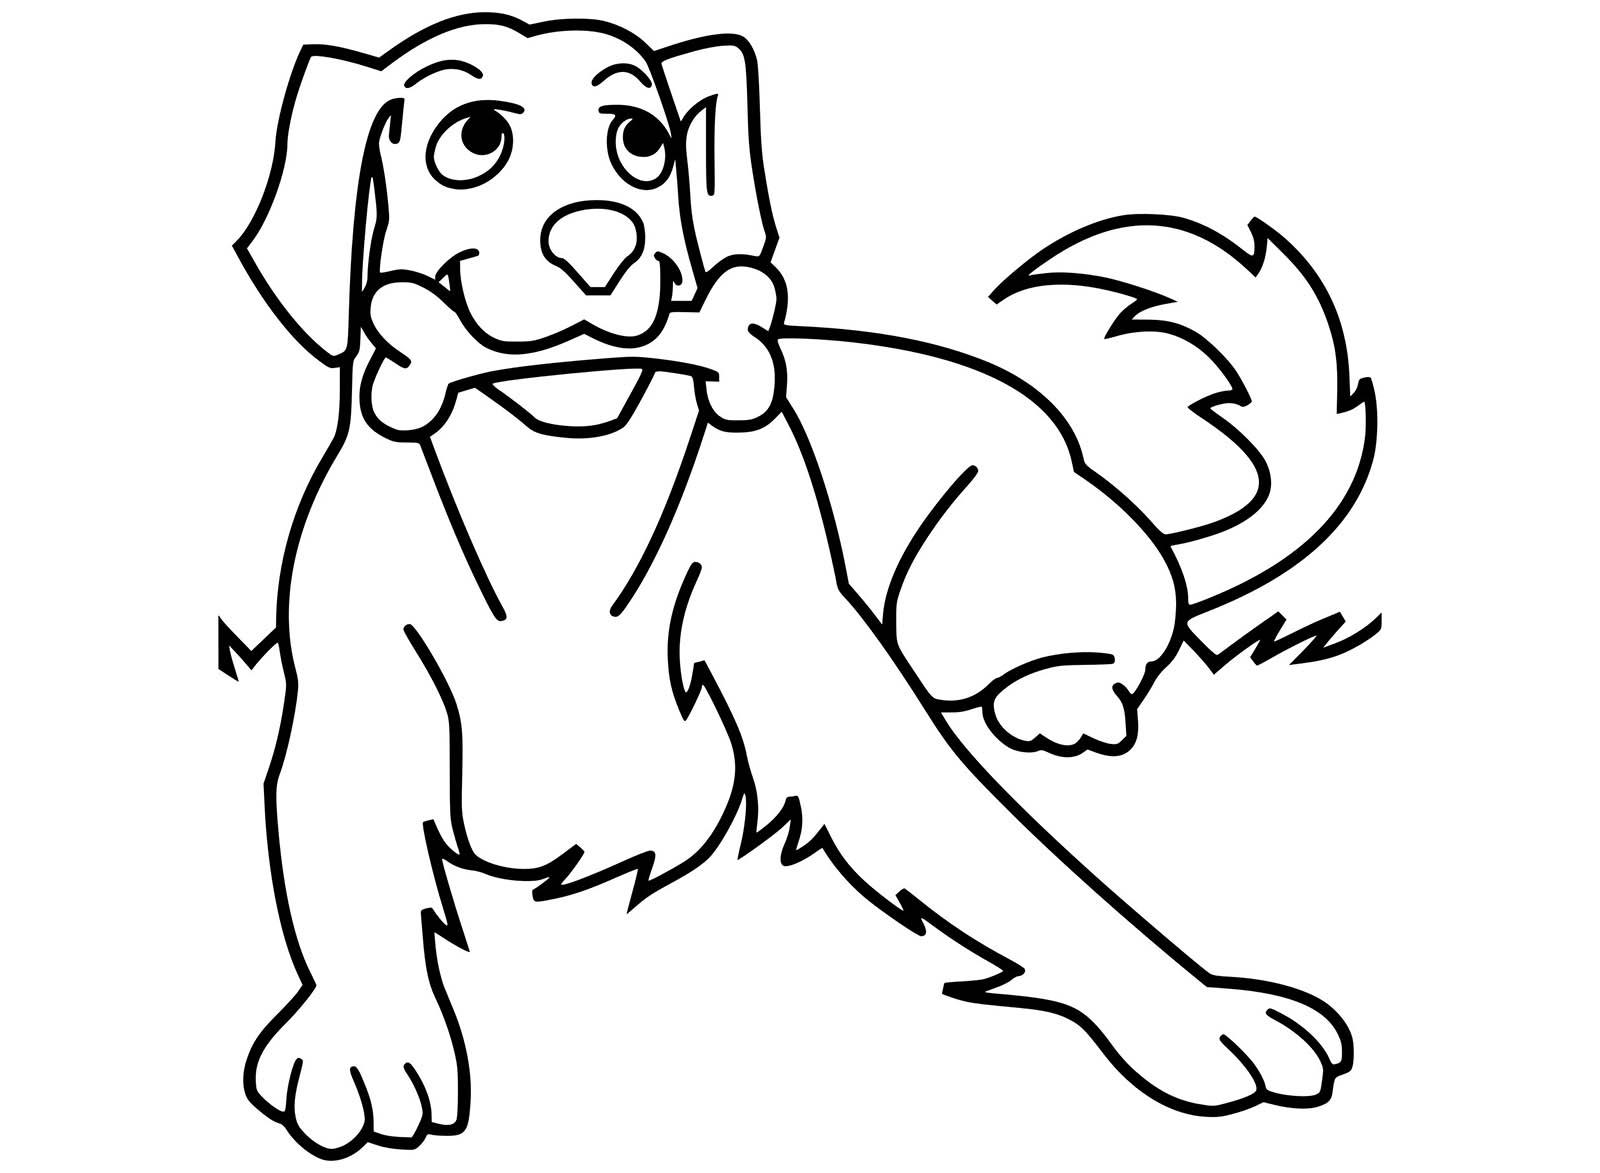 Cani da colorare e stampare: i più belli e dolci